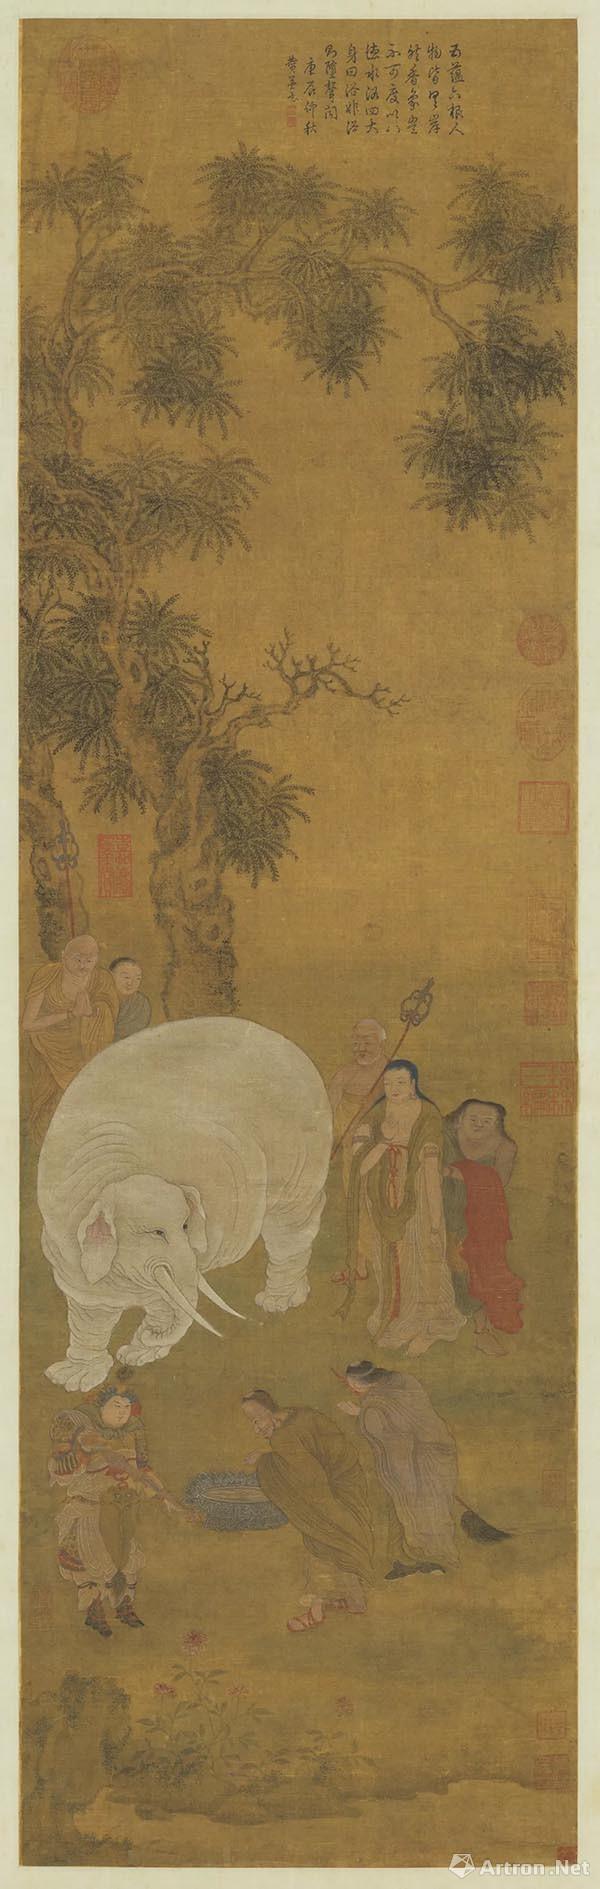 趙孟頫 浴象图 现藏于台北故宫博物院